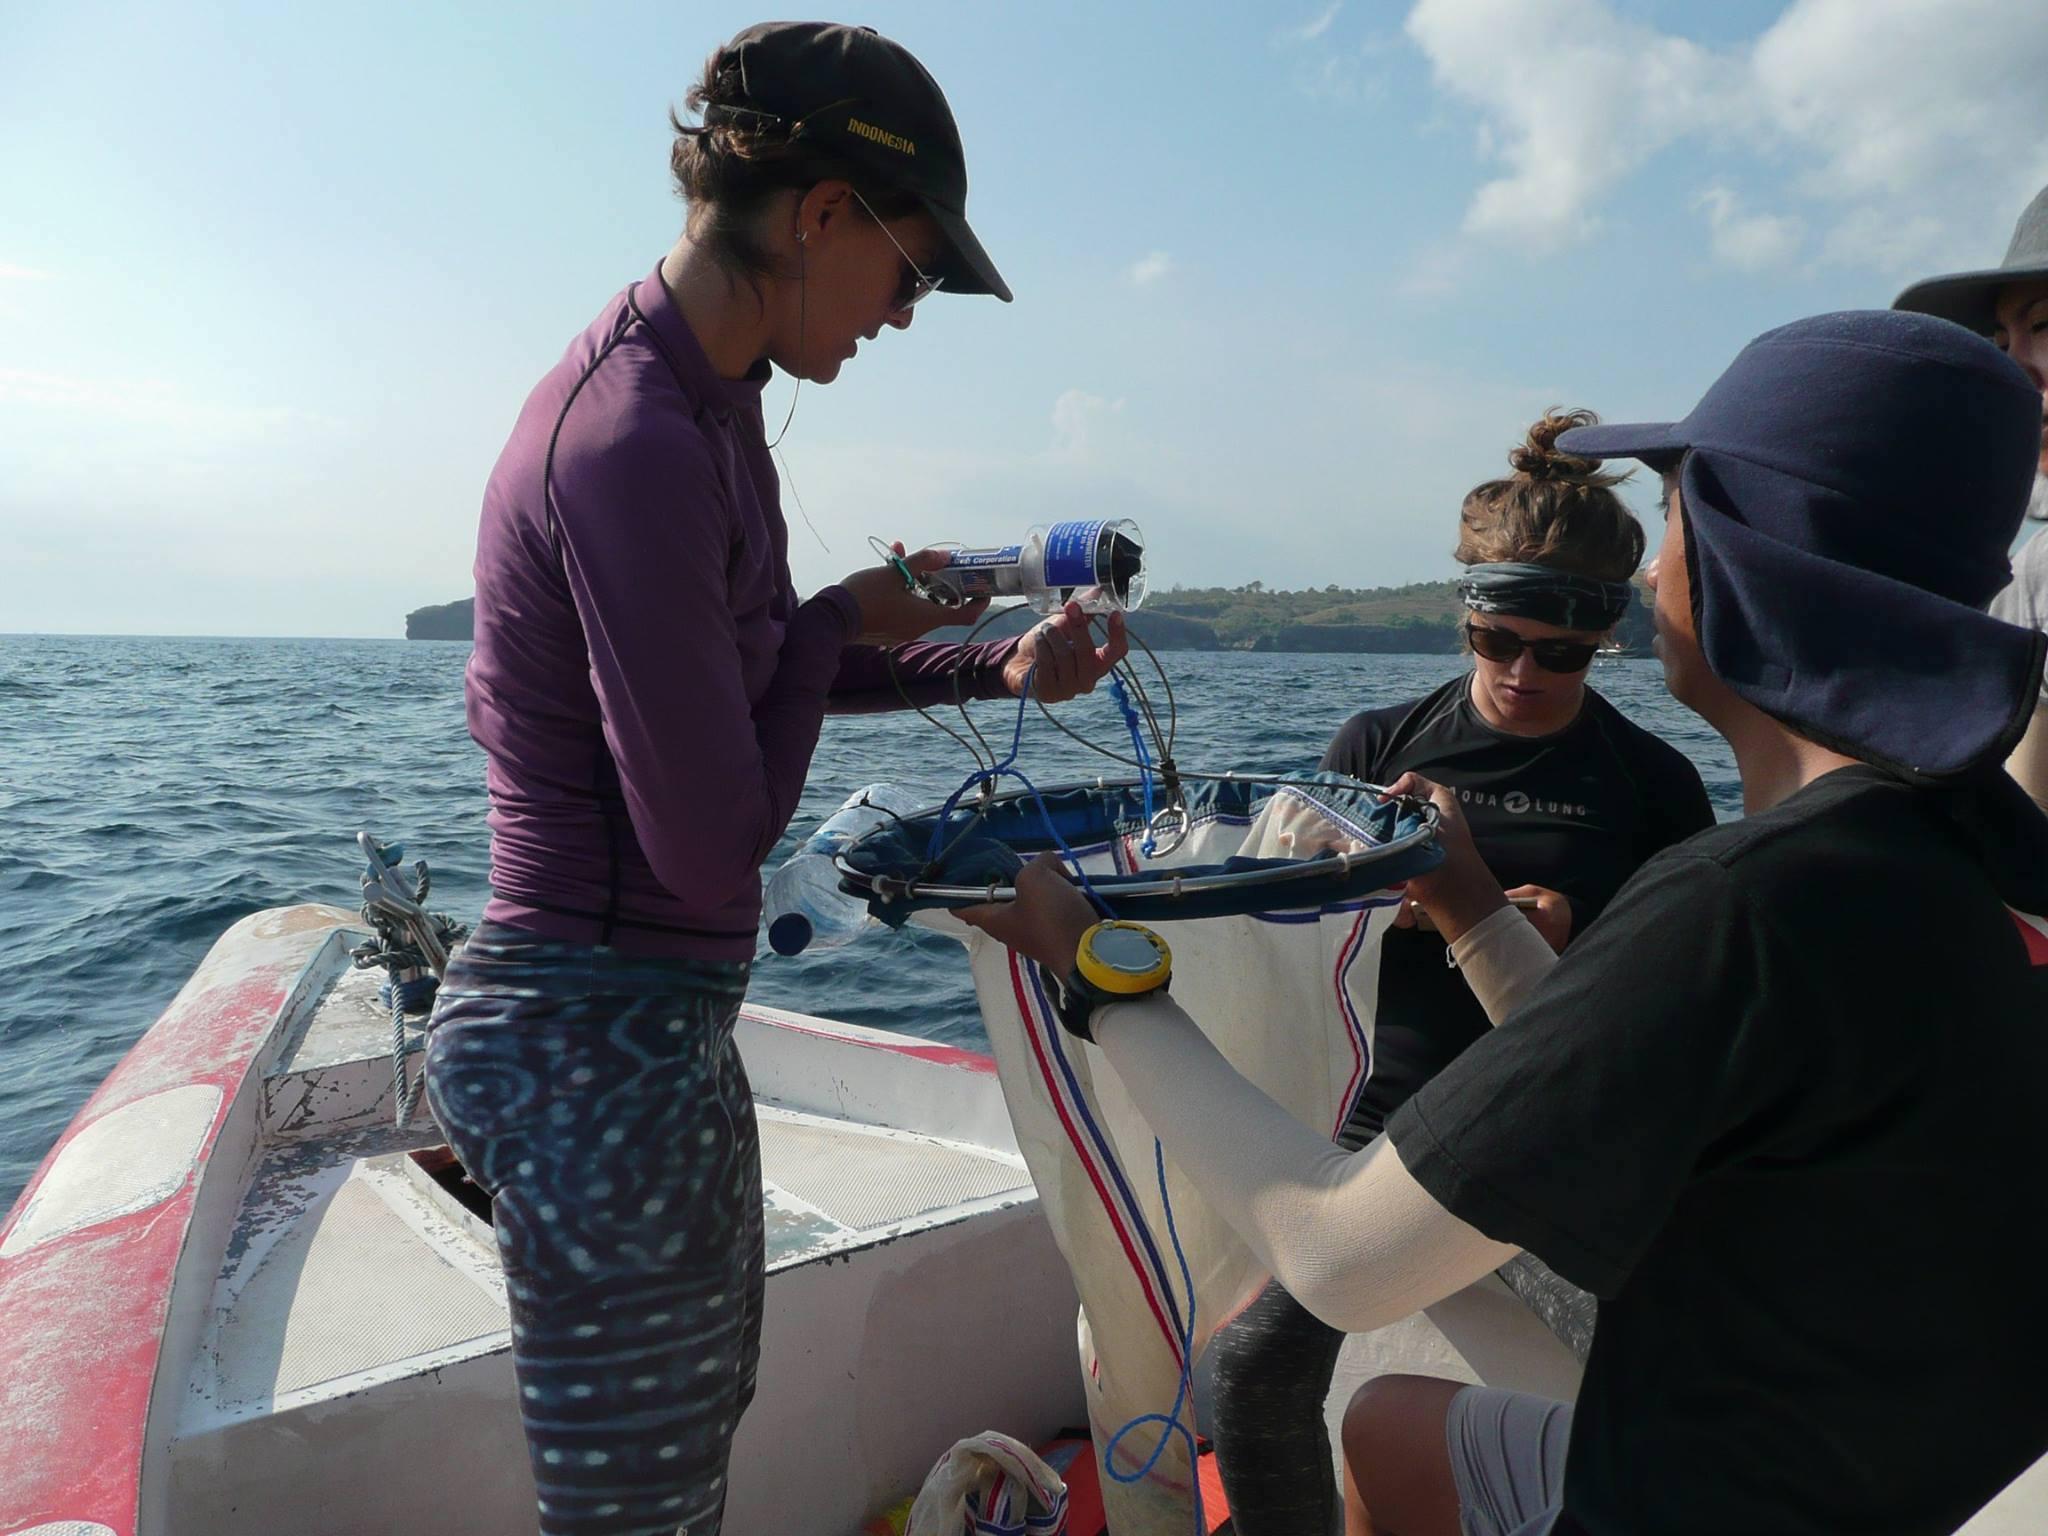 Elitza Germanov y el equipo de la Fundación Megafauna Marina recogiendo muestras de agua contaminada con microplásticos. Foto: Fundación Megafauna Marina